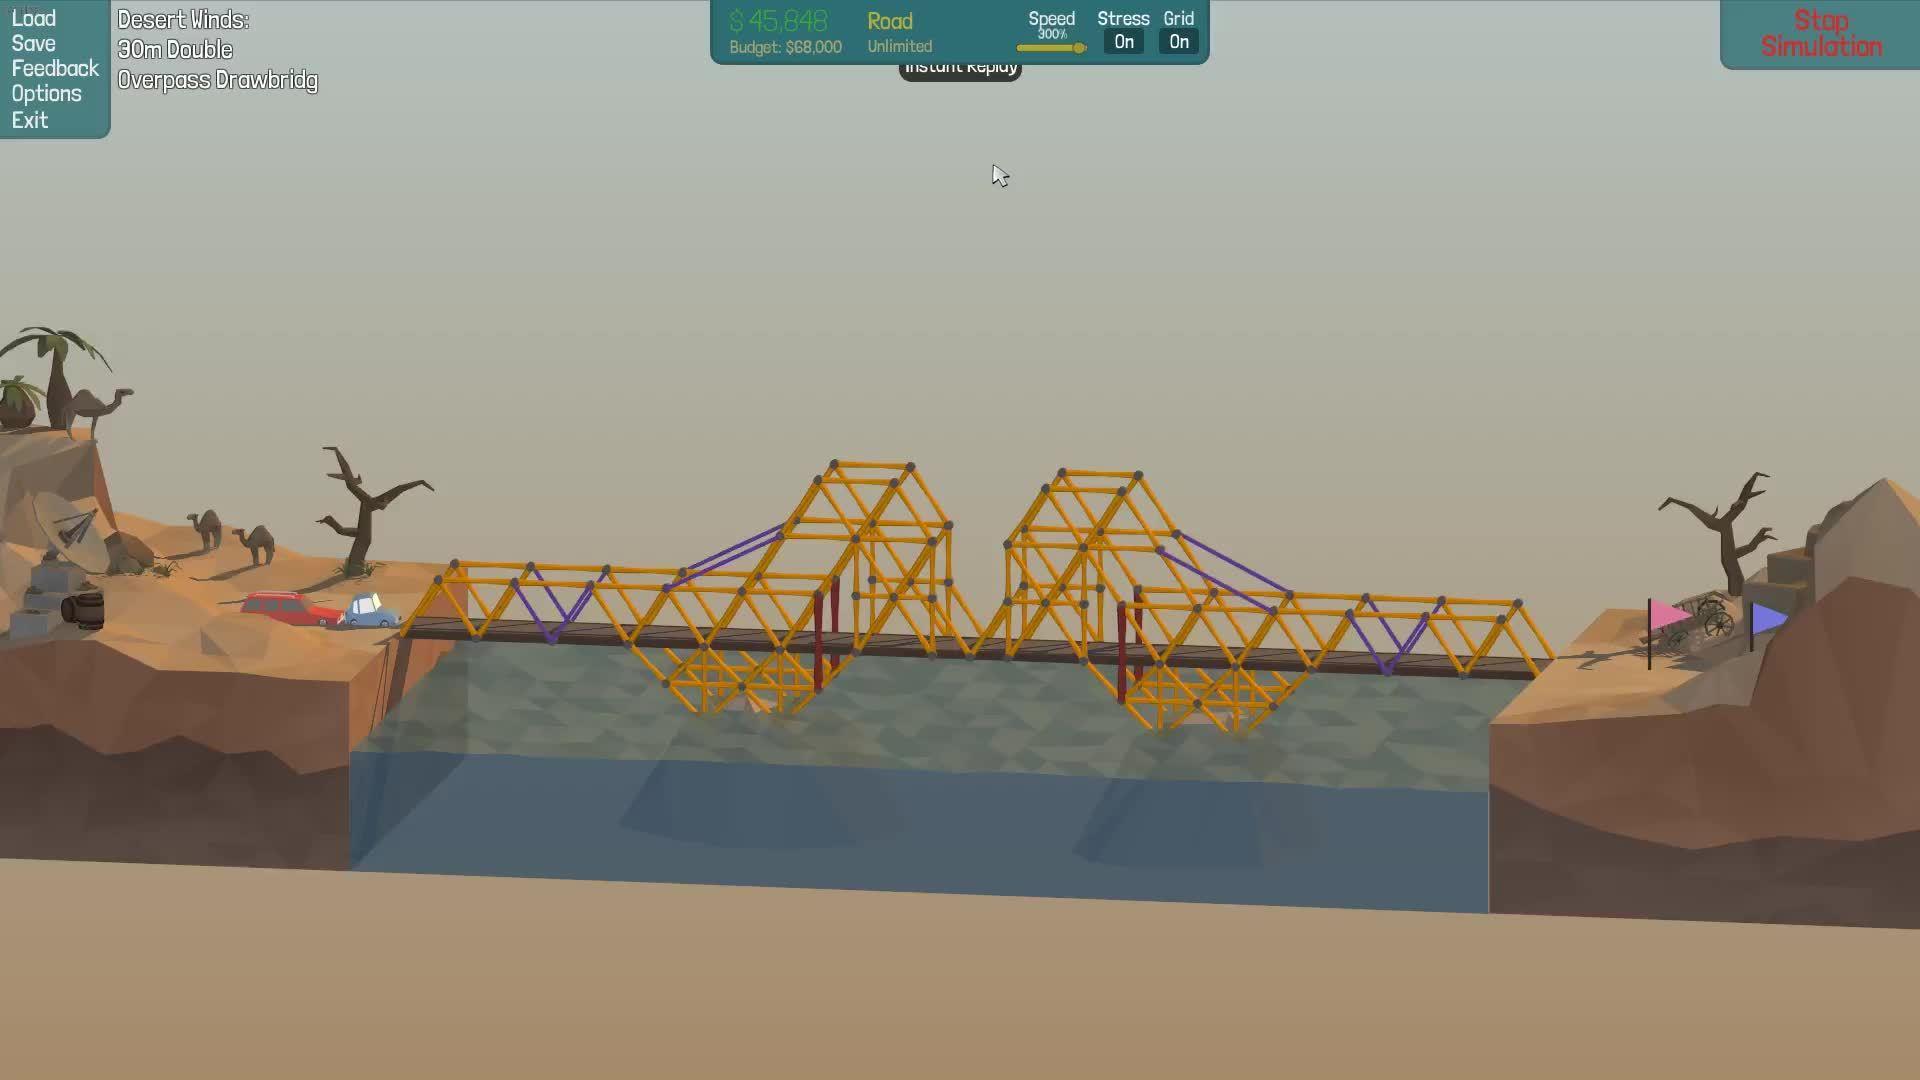 polybridge, [Screenshot/Gif]30m Double Overpass Drawbridge (reddit) GIFs